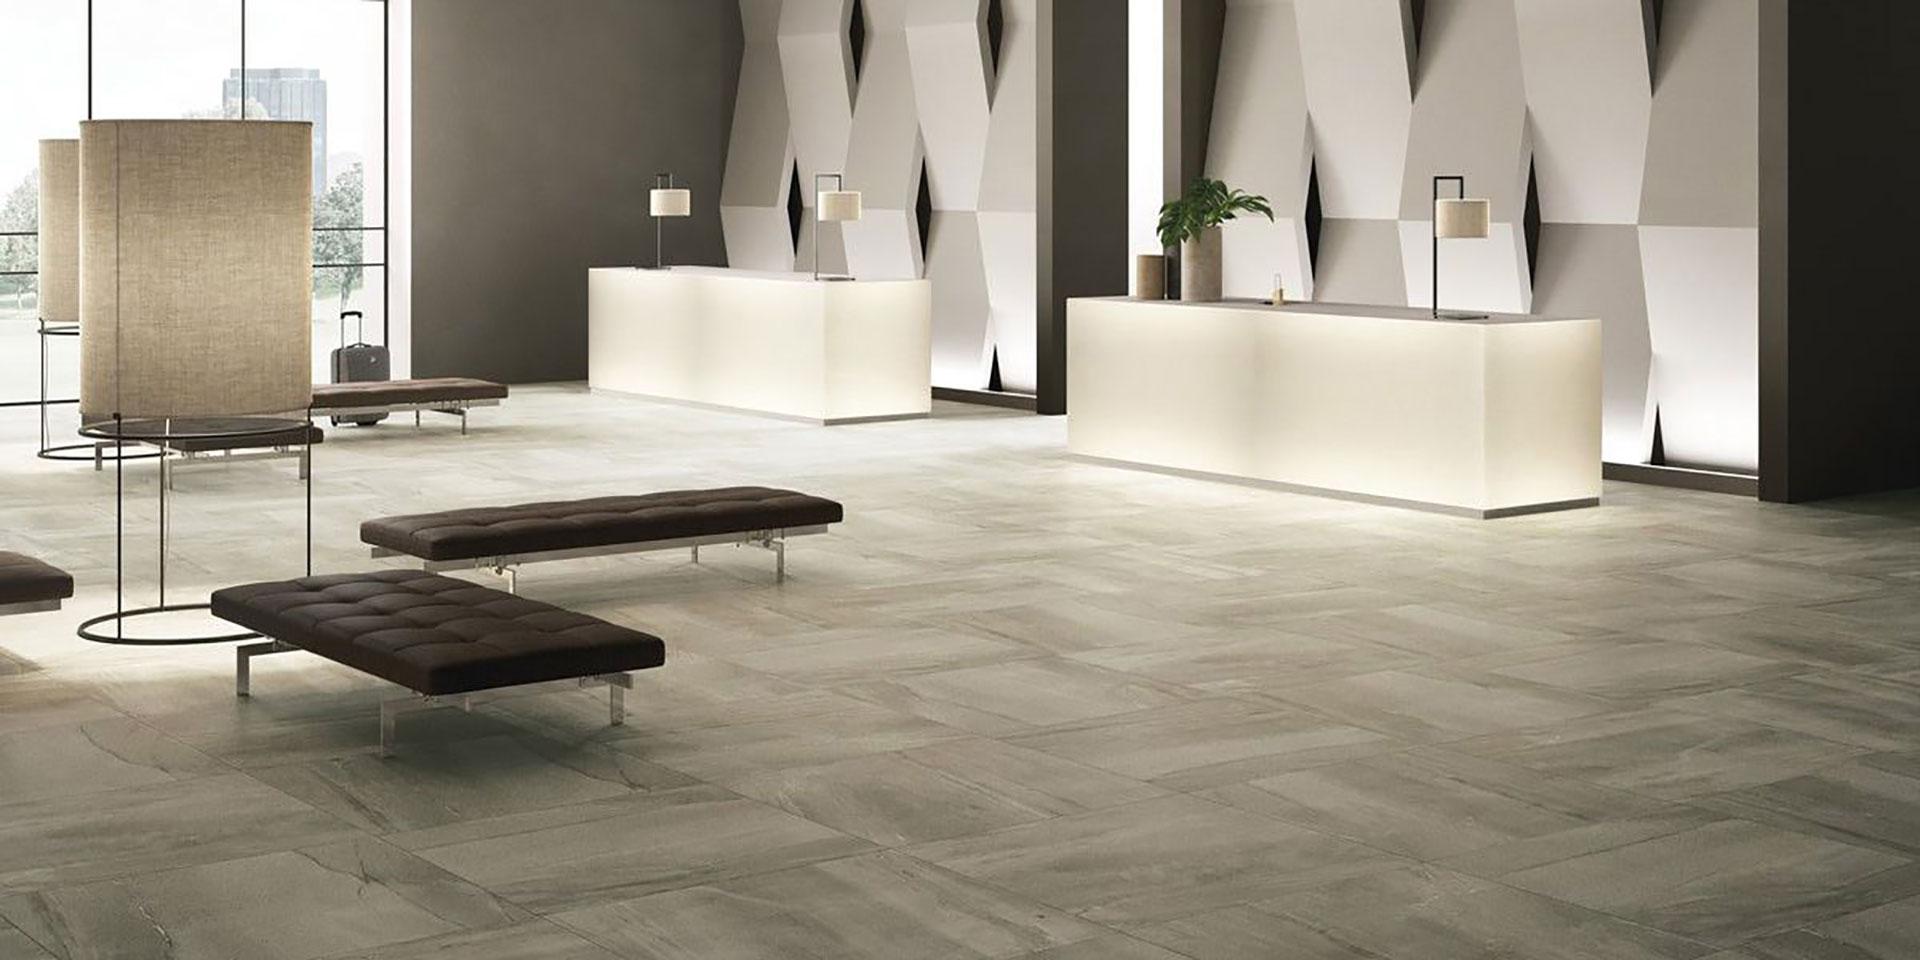 GranitiFiandre Maximum: large sizes for contemporary design